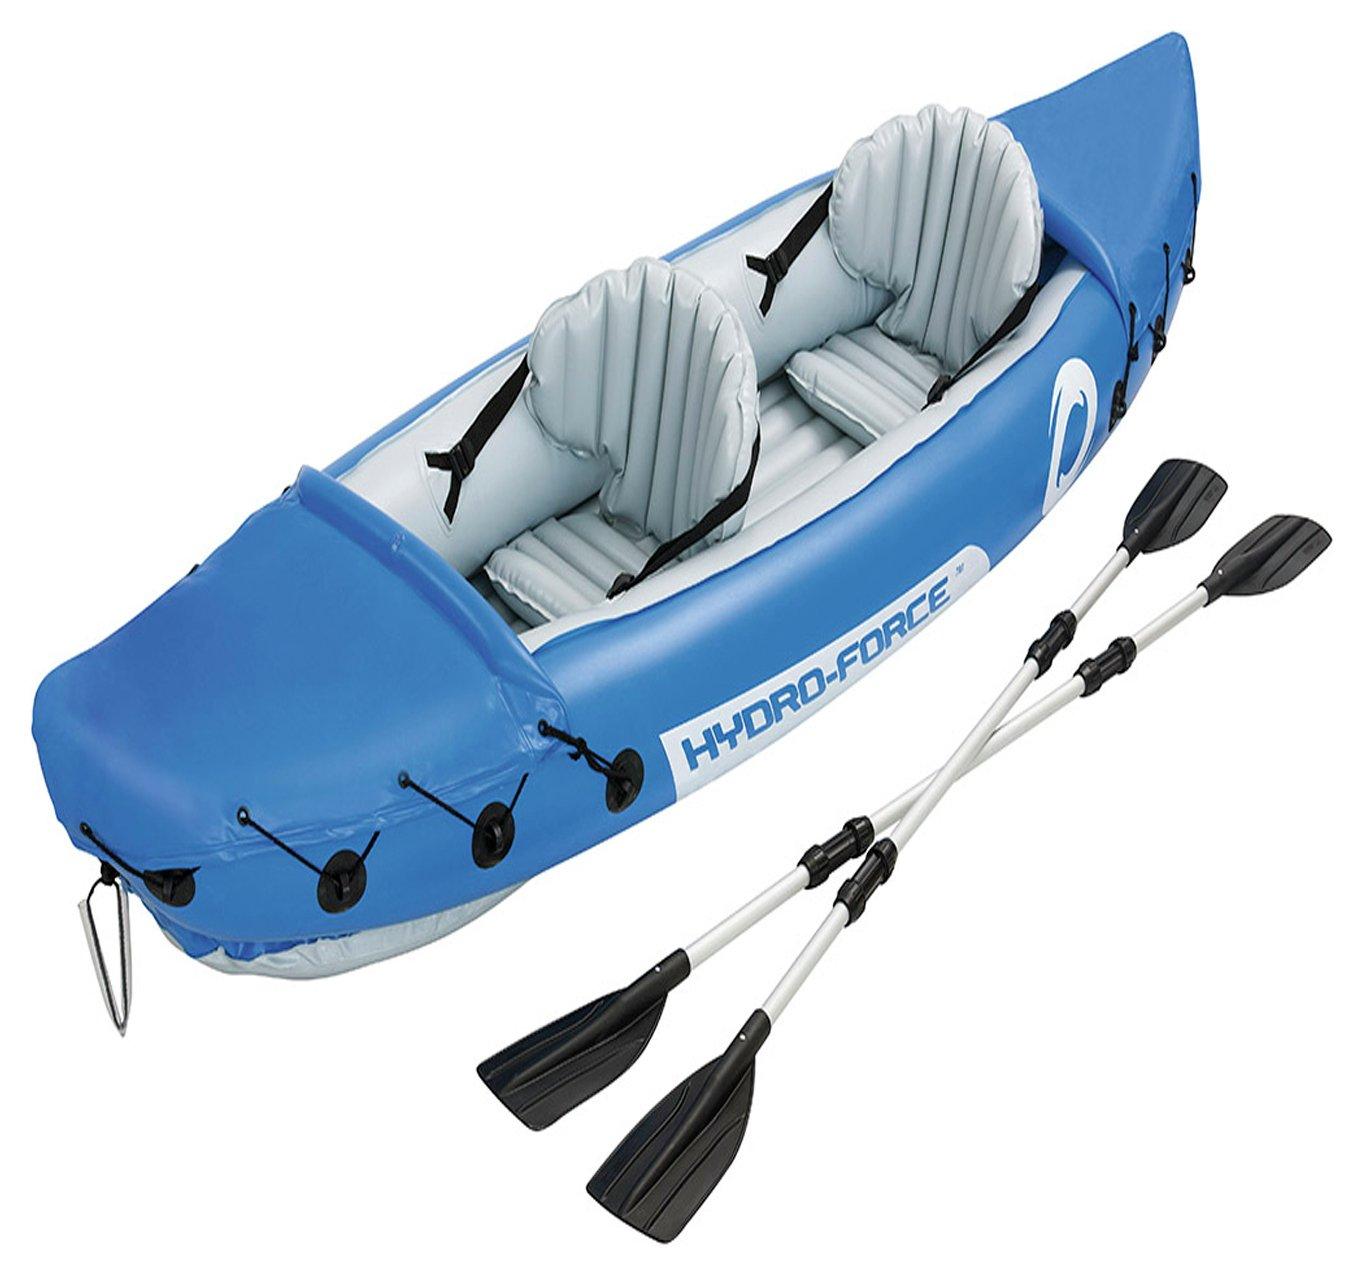 Image of Bestway Hydro-ForceTM Lite-Rapid X2 Kayak.